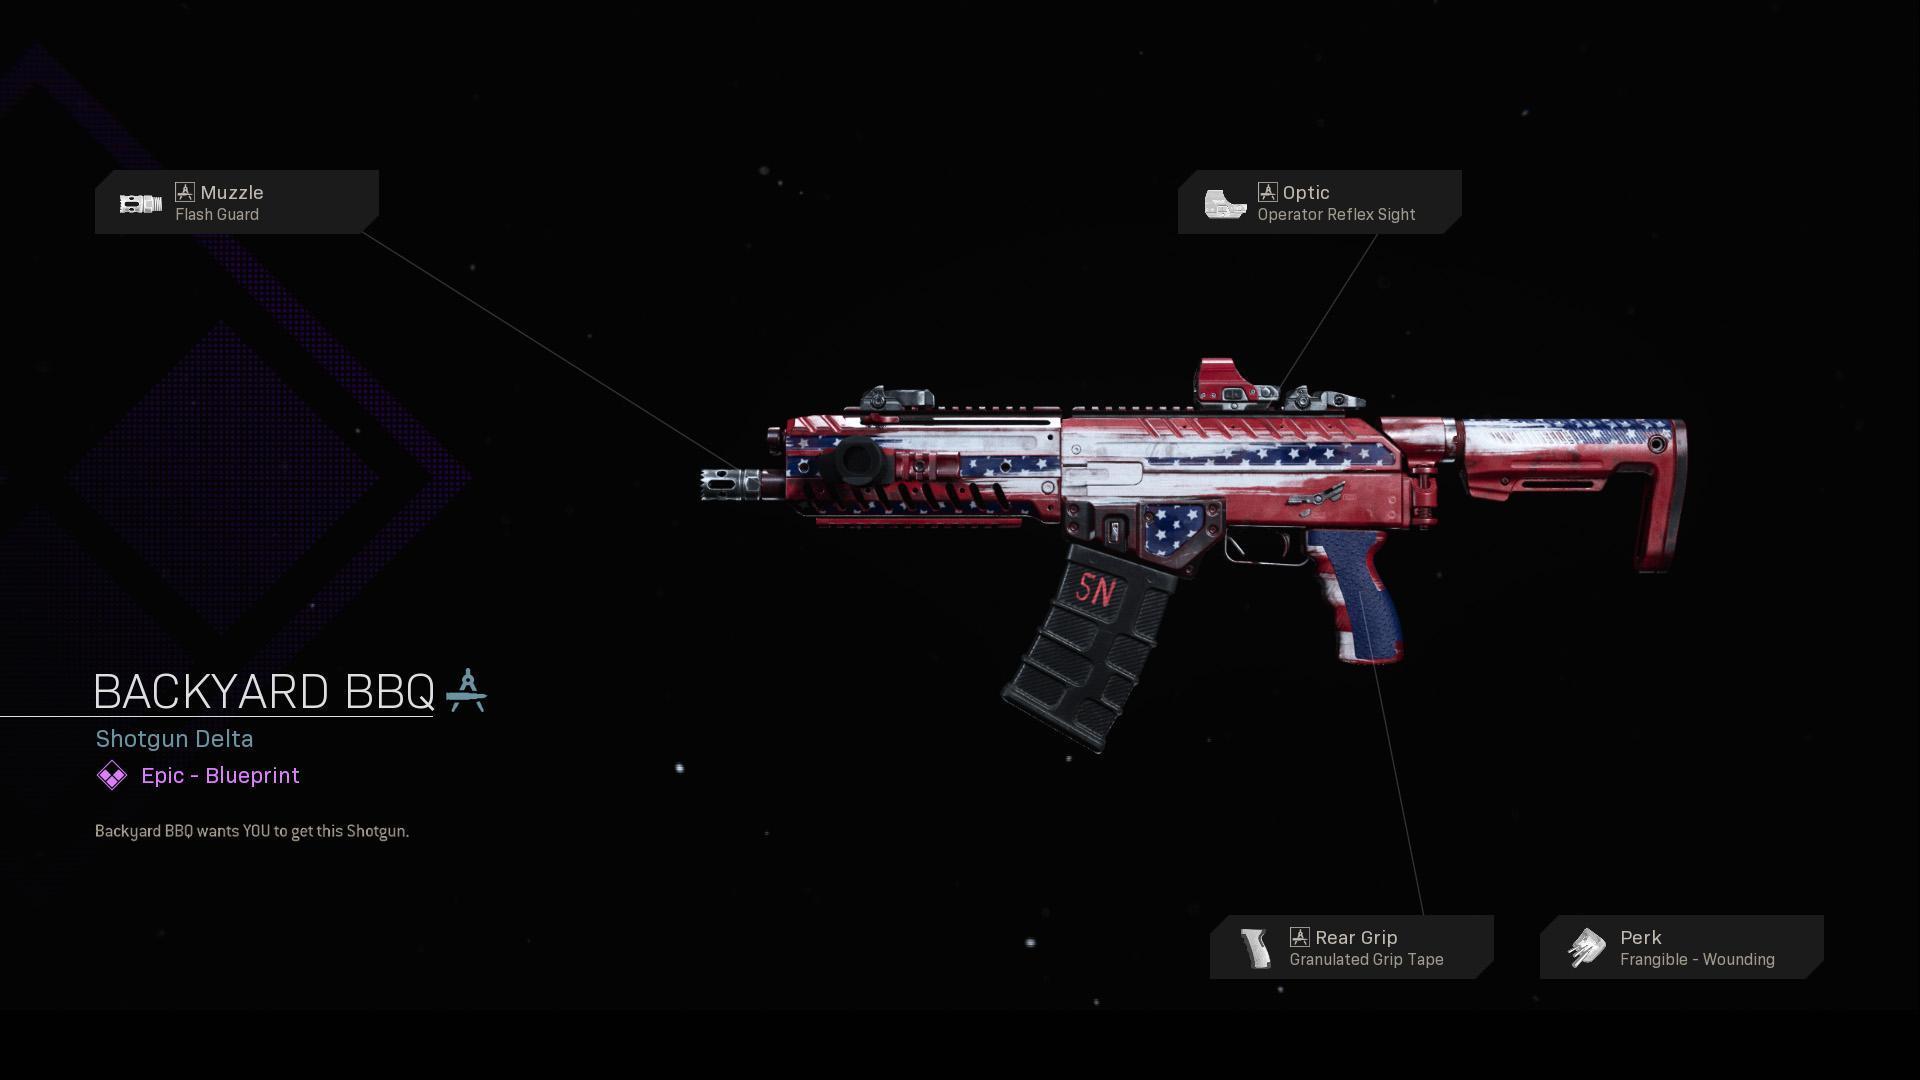 Backyard Bbq Cod Warzone Modern Warfare Weapon Blueprint Call Of Duty Backyard bbq modern warfare